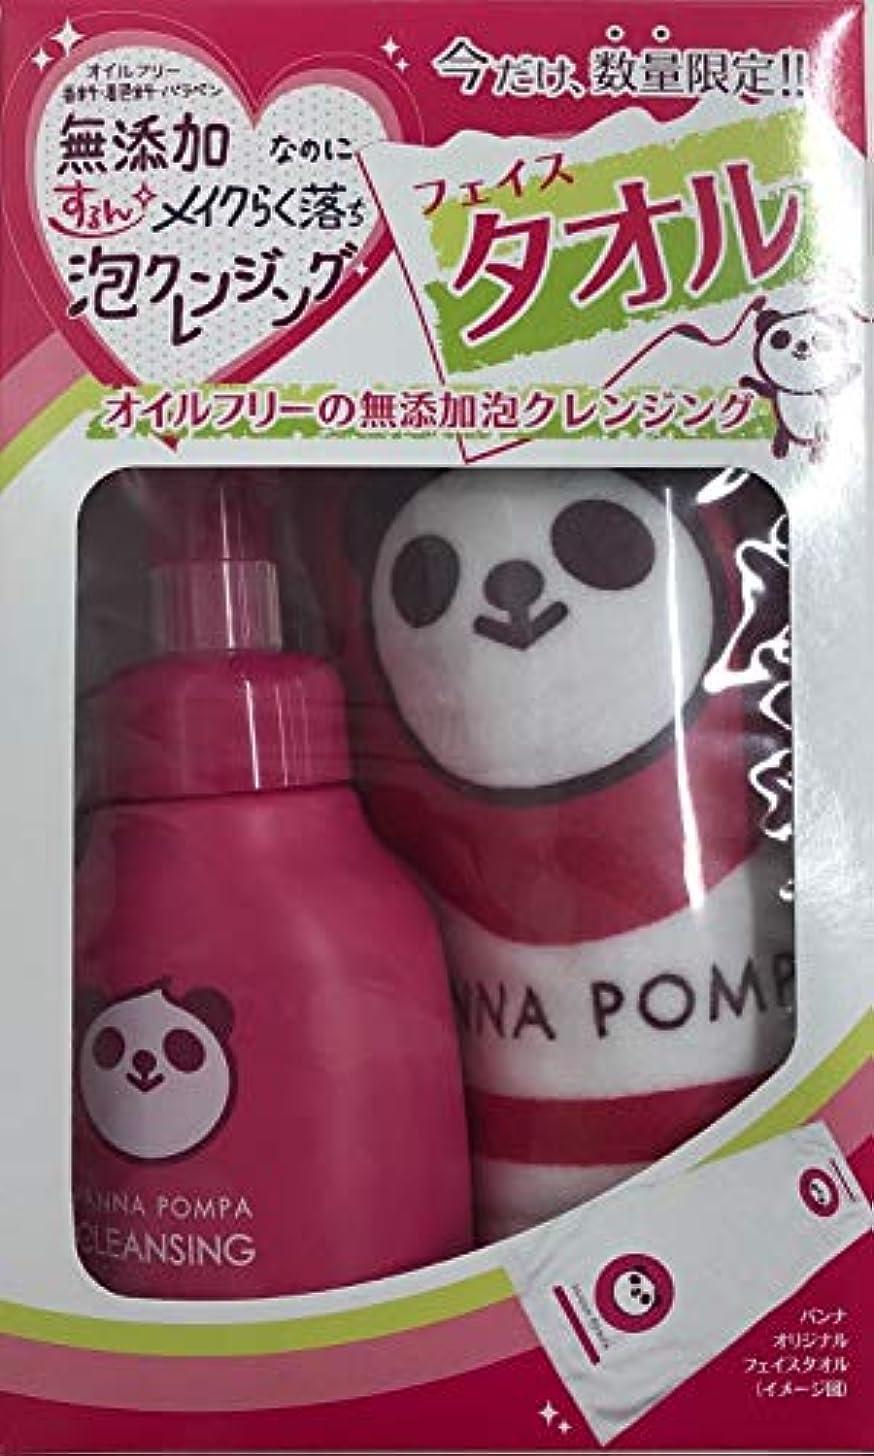 スペインホイップ採用するパンナポンパ 無添加泡クレンジング 300ML+パンナオリジナルフェイスタオル付きセット